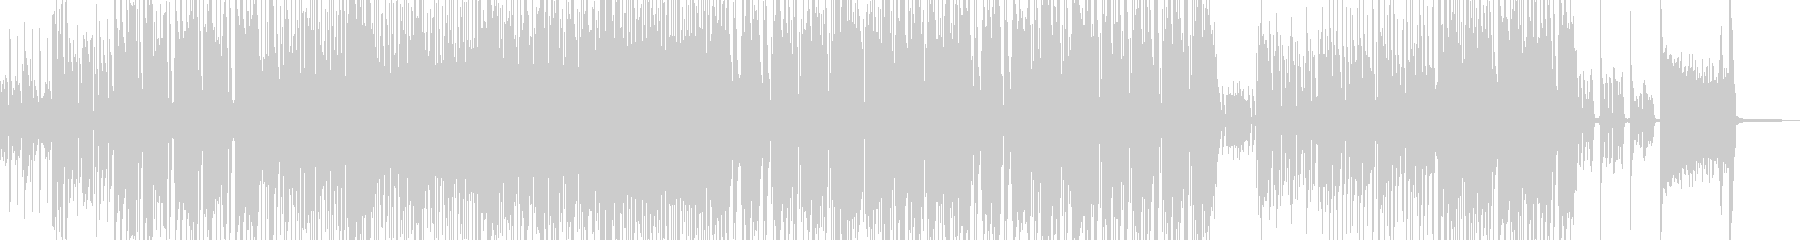 賑やかでハイテンションなスカポップ Bの未再生の波形